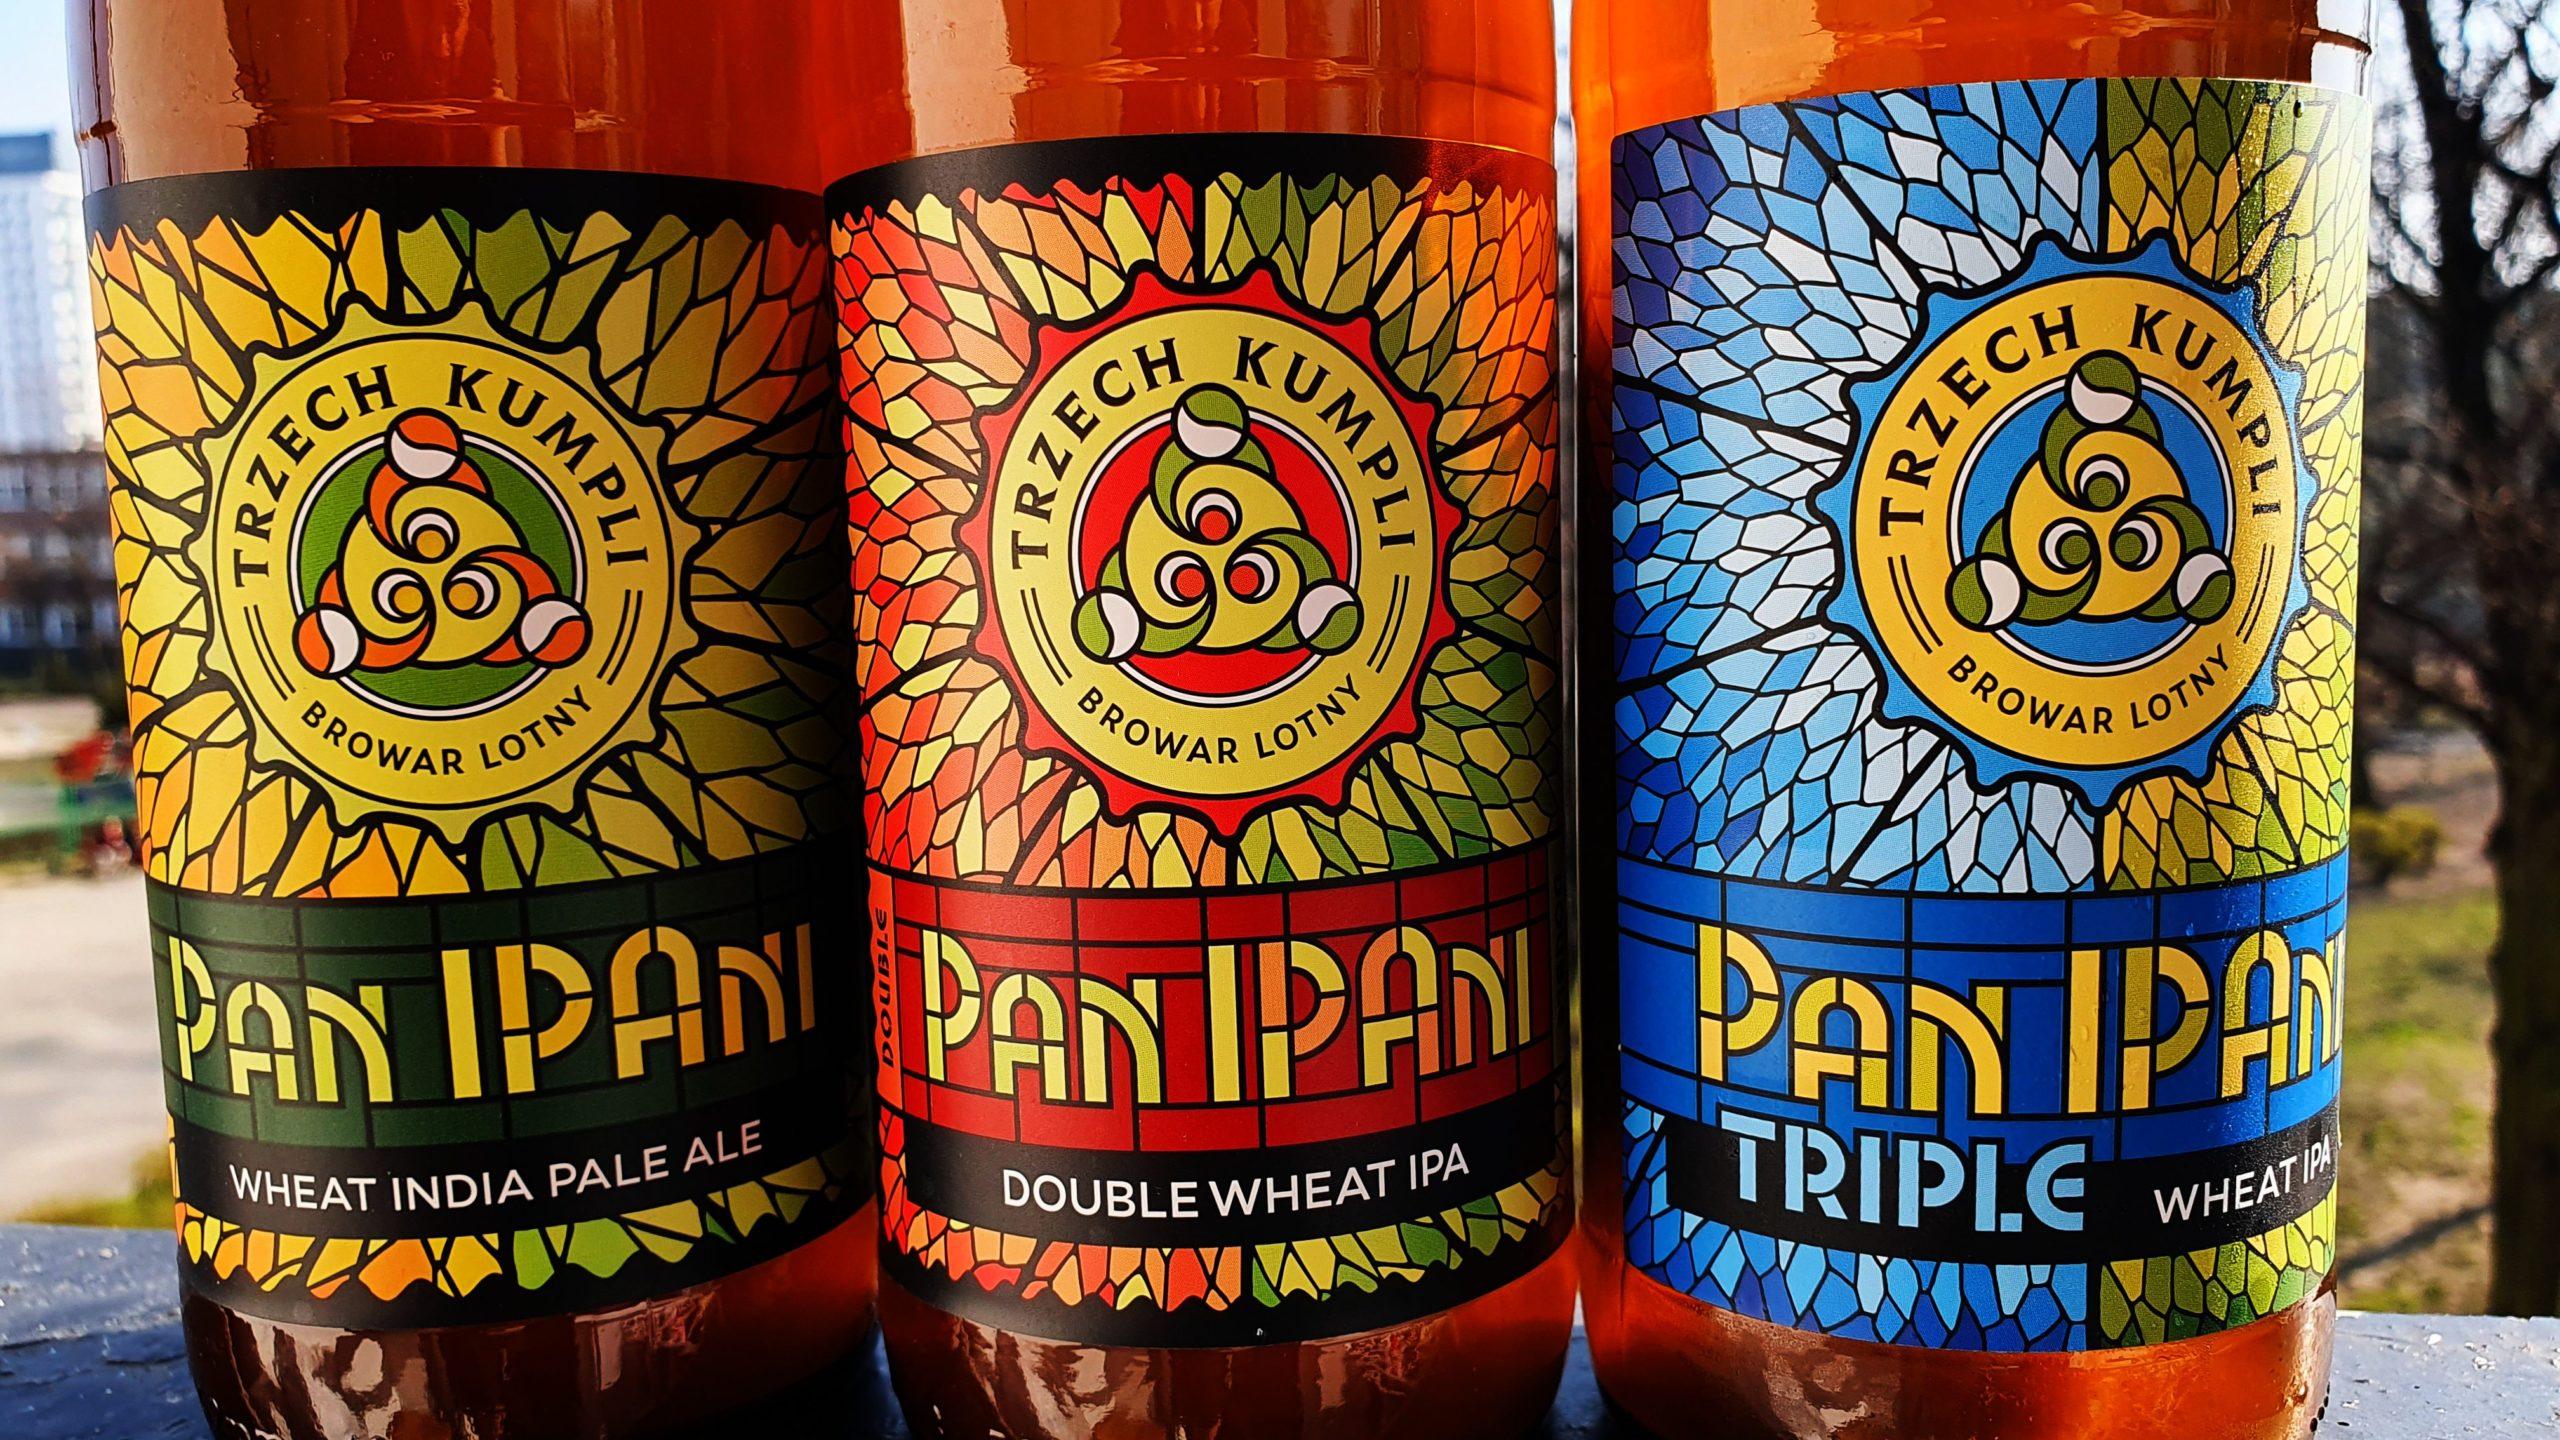 Pan IPAni x 3 - Pan IPAni Triple